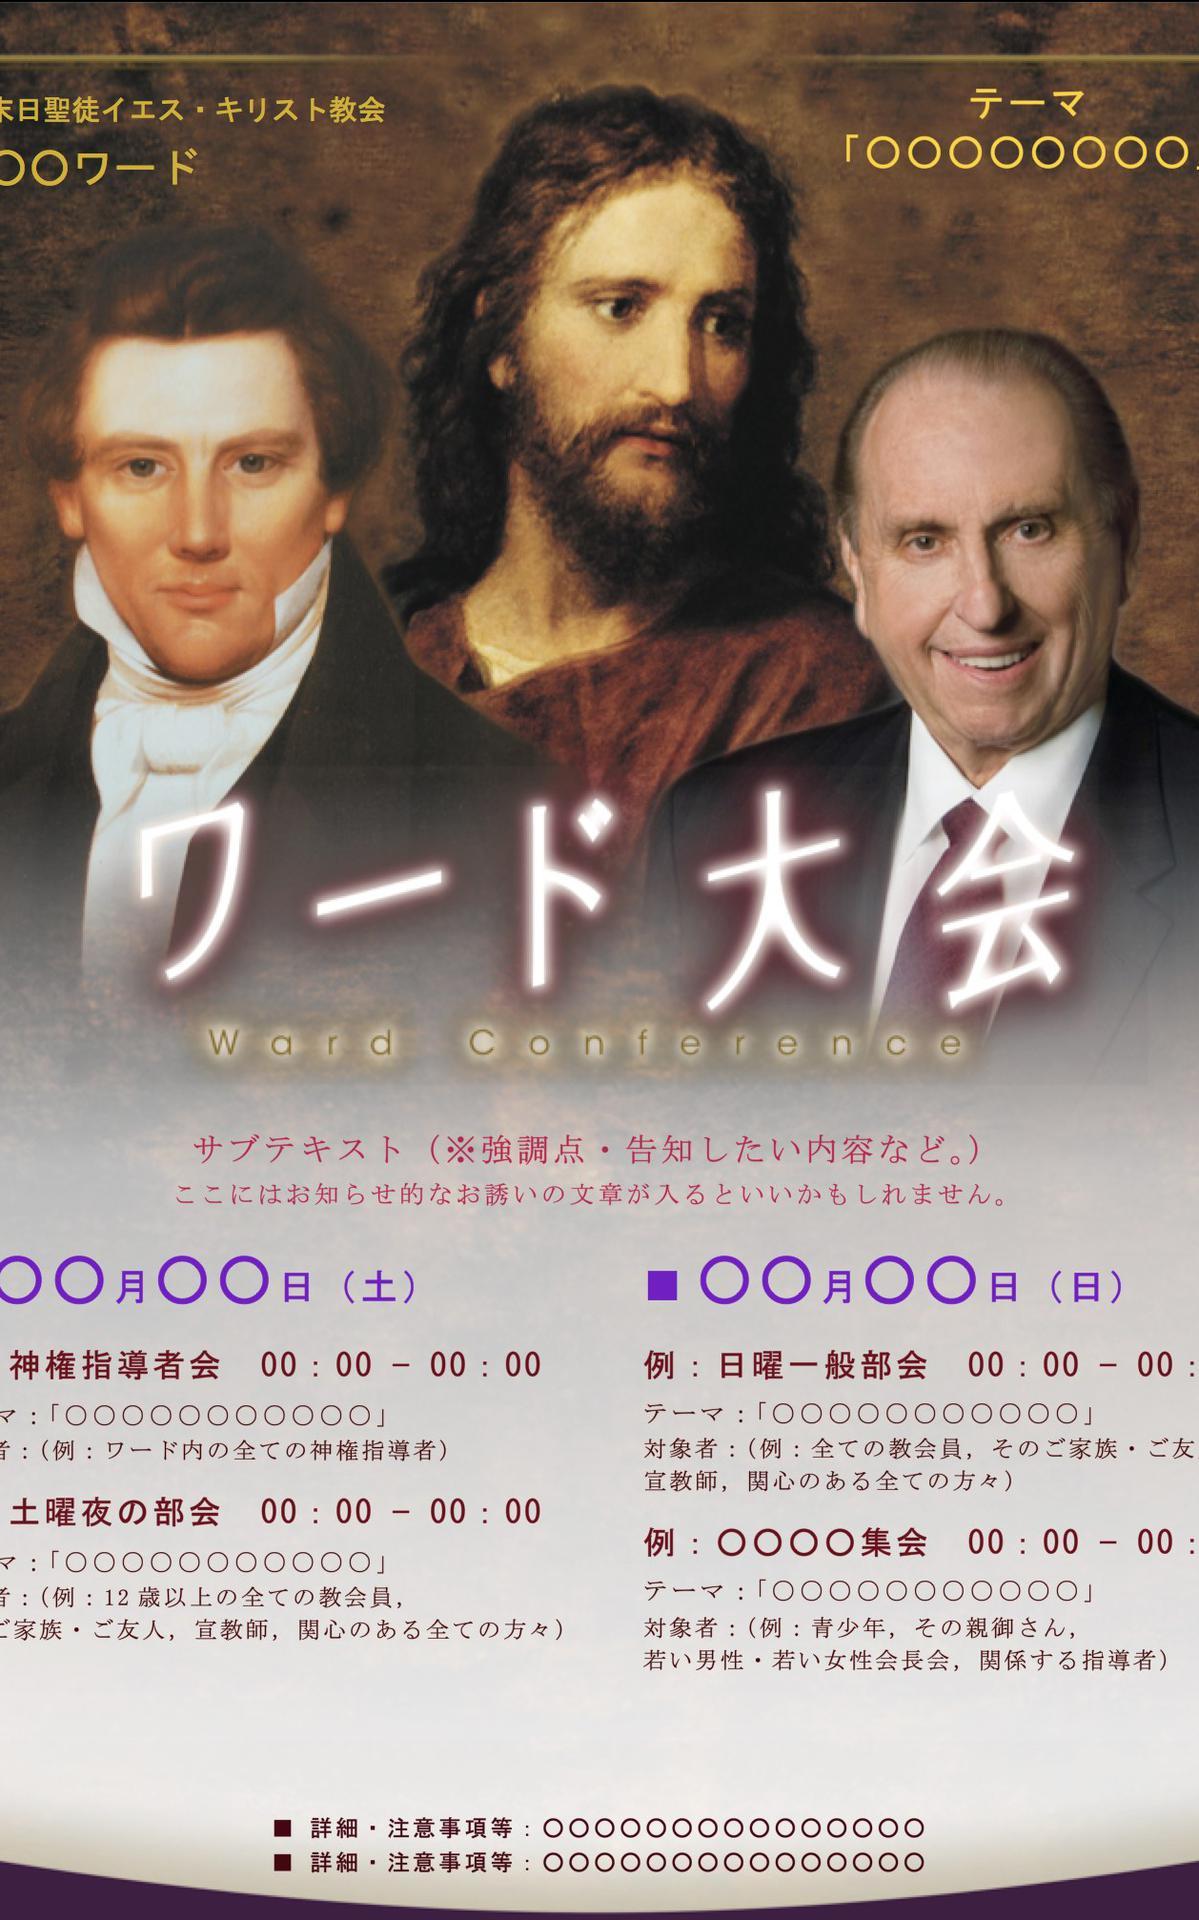 ワード大会ポスター2